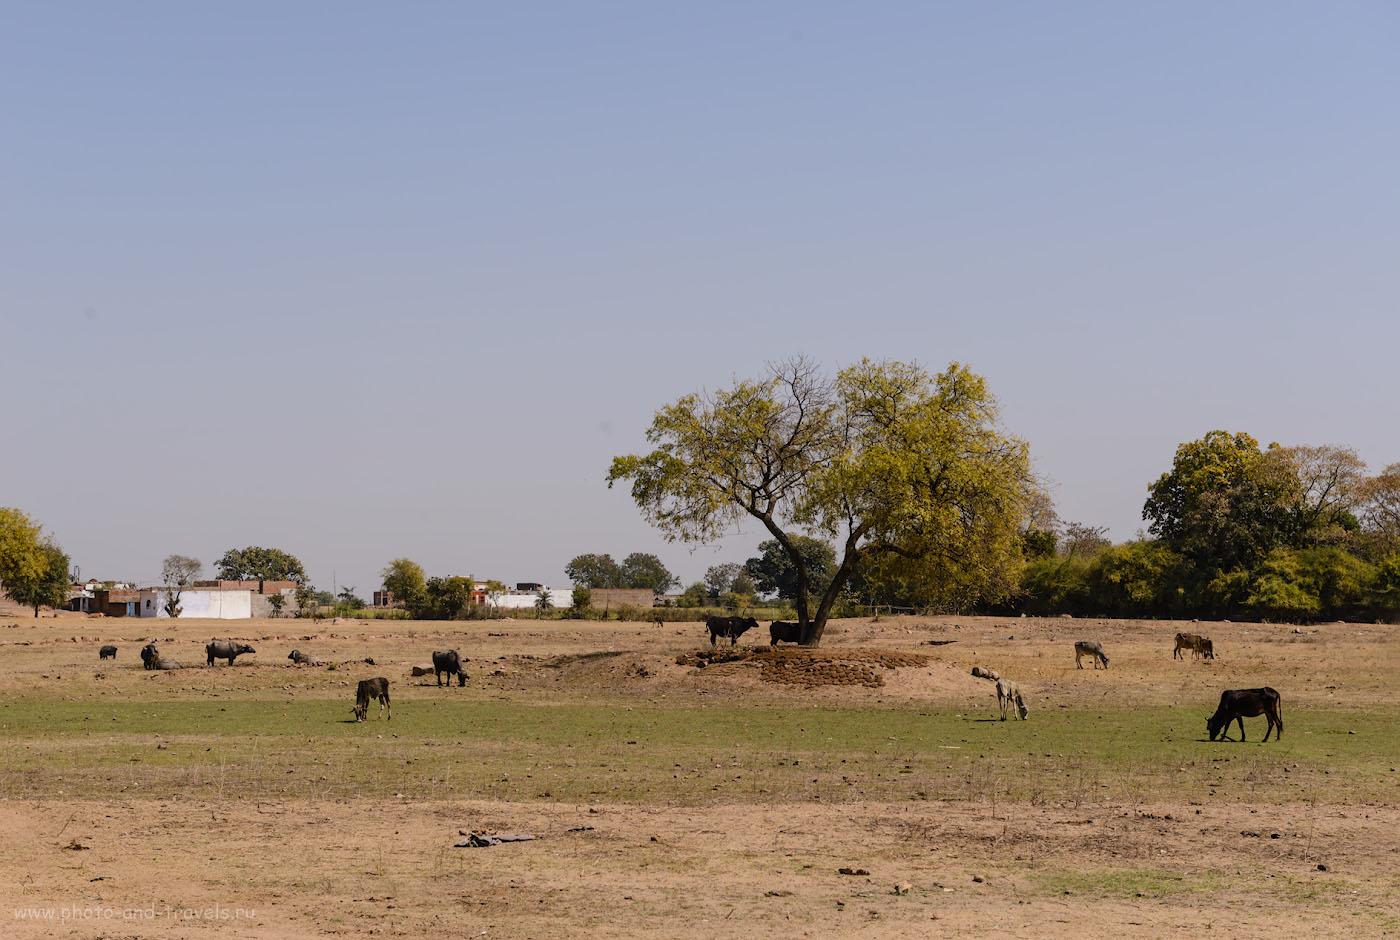 Фото 20. Окраина Кхаджурахо. Коровы и «их производное» под деревом. 1/320, -0.33, 9.0, 100, 60.